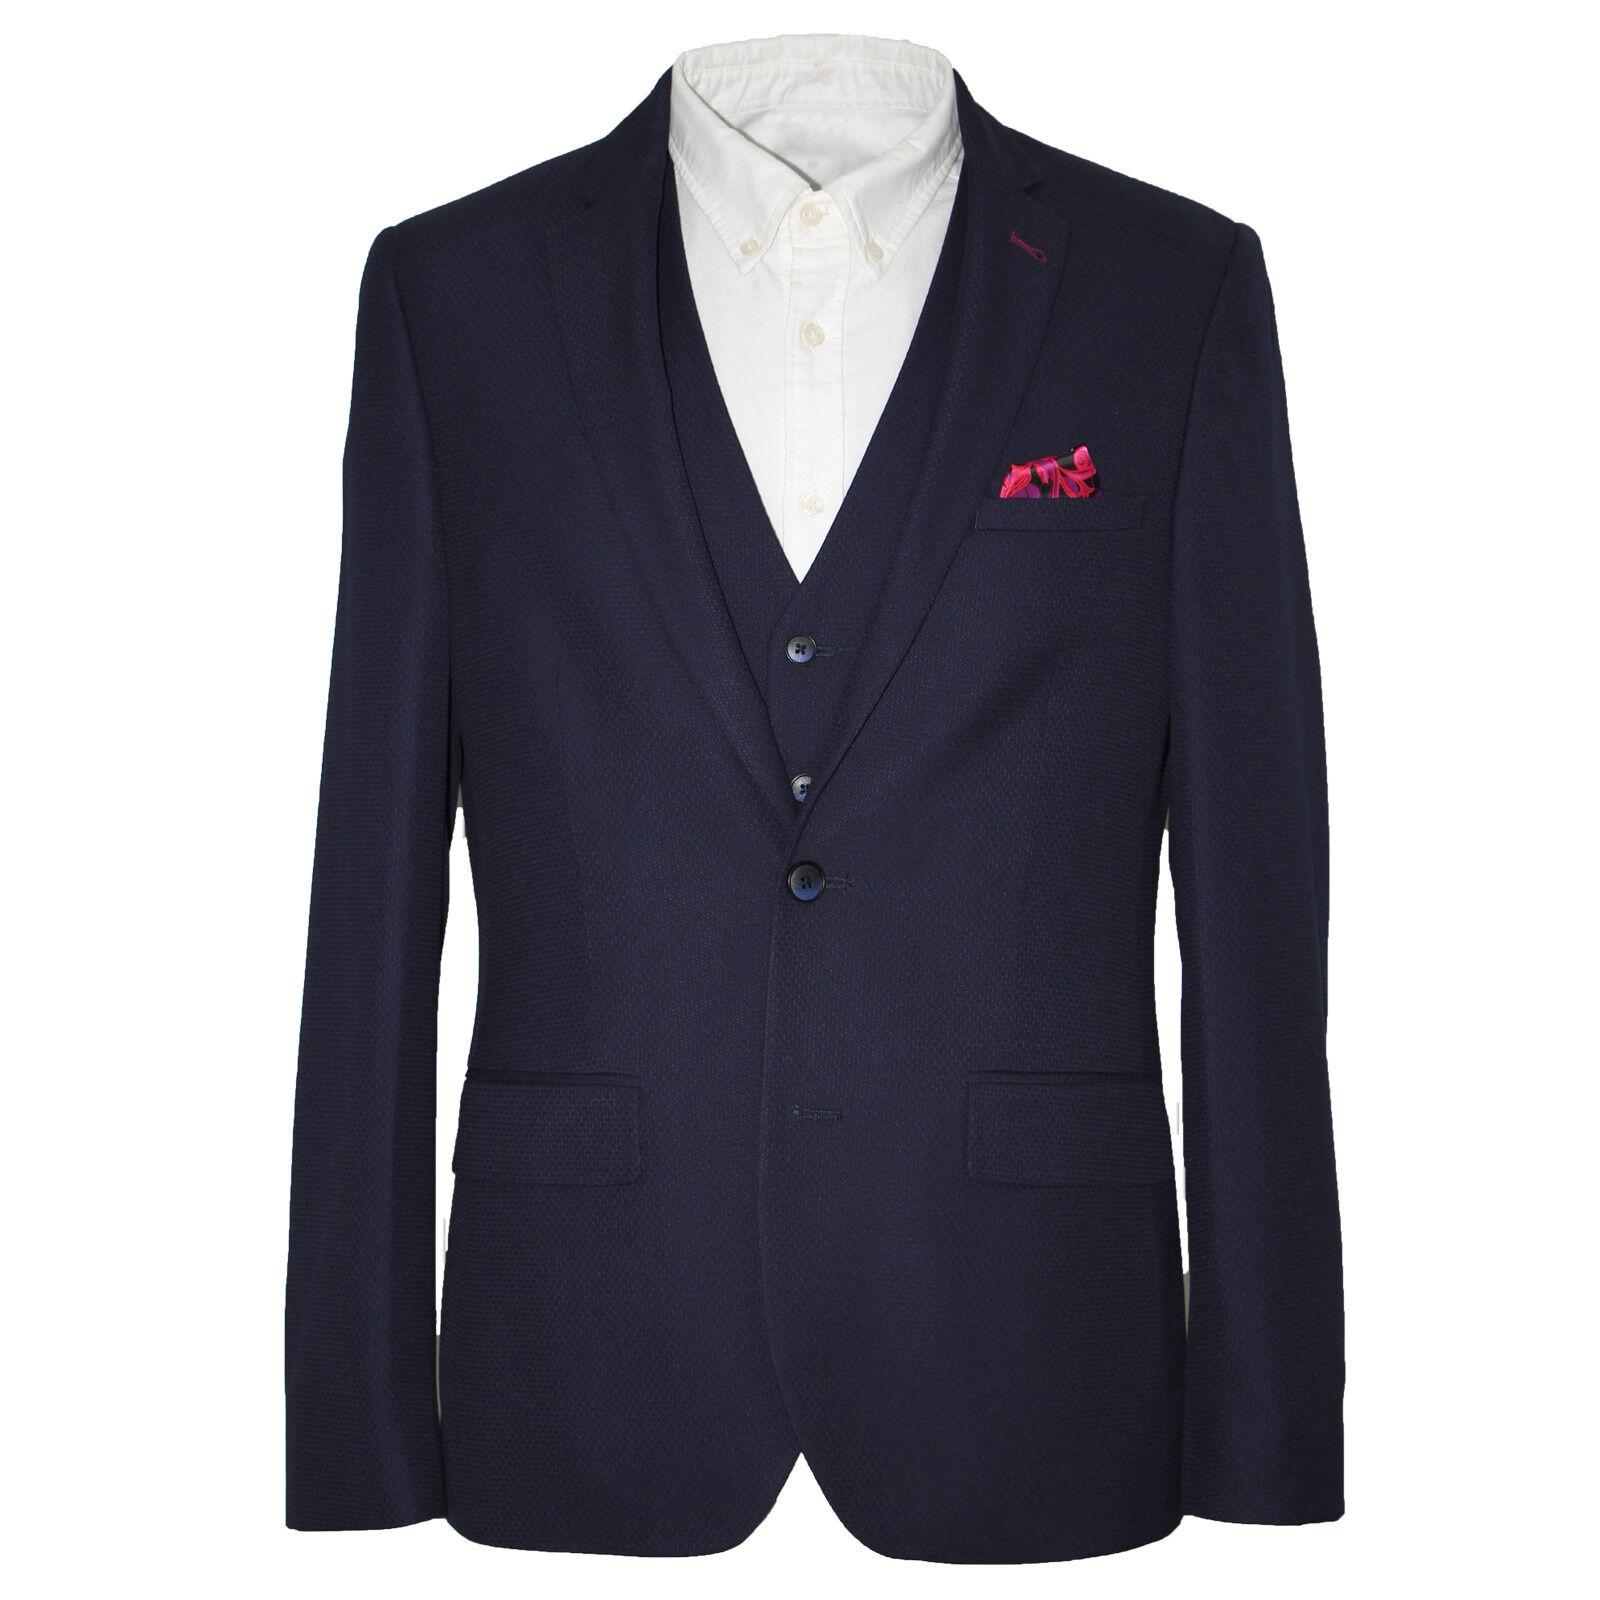 Harry braun DANDY Three Piece Slim Fit Suit in Navy 54088b 0375   | Auf Verkauf  | Moderne und stilvolle Mode  | Sorgfältig ausgewählte Materialien